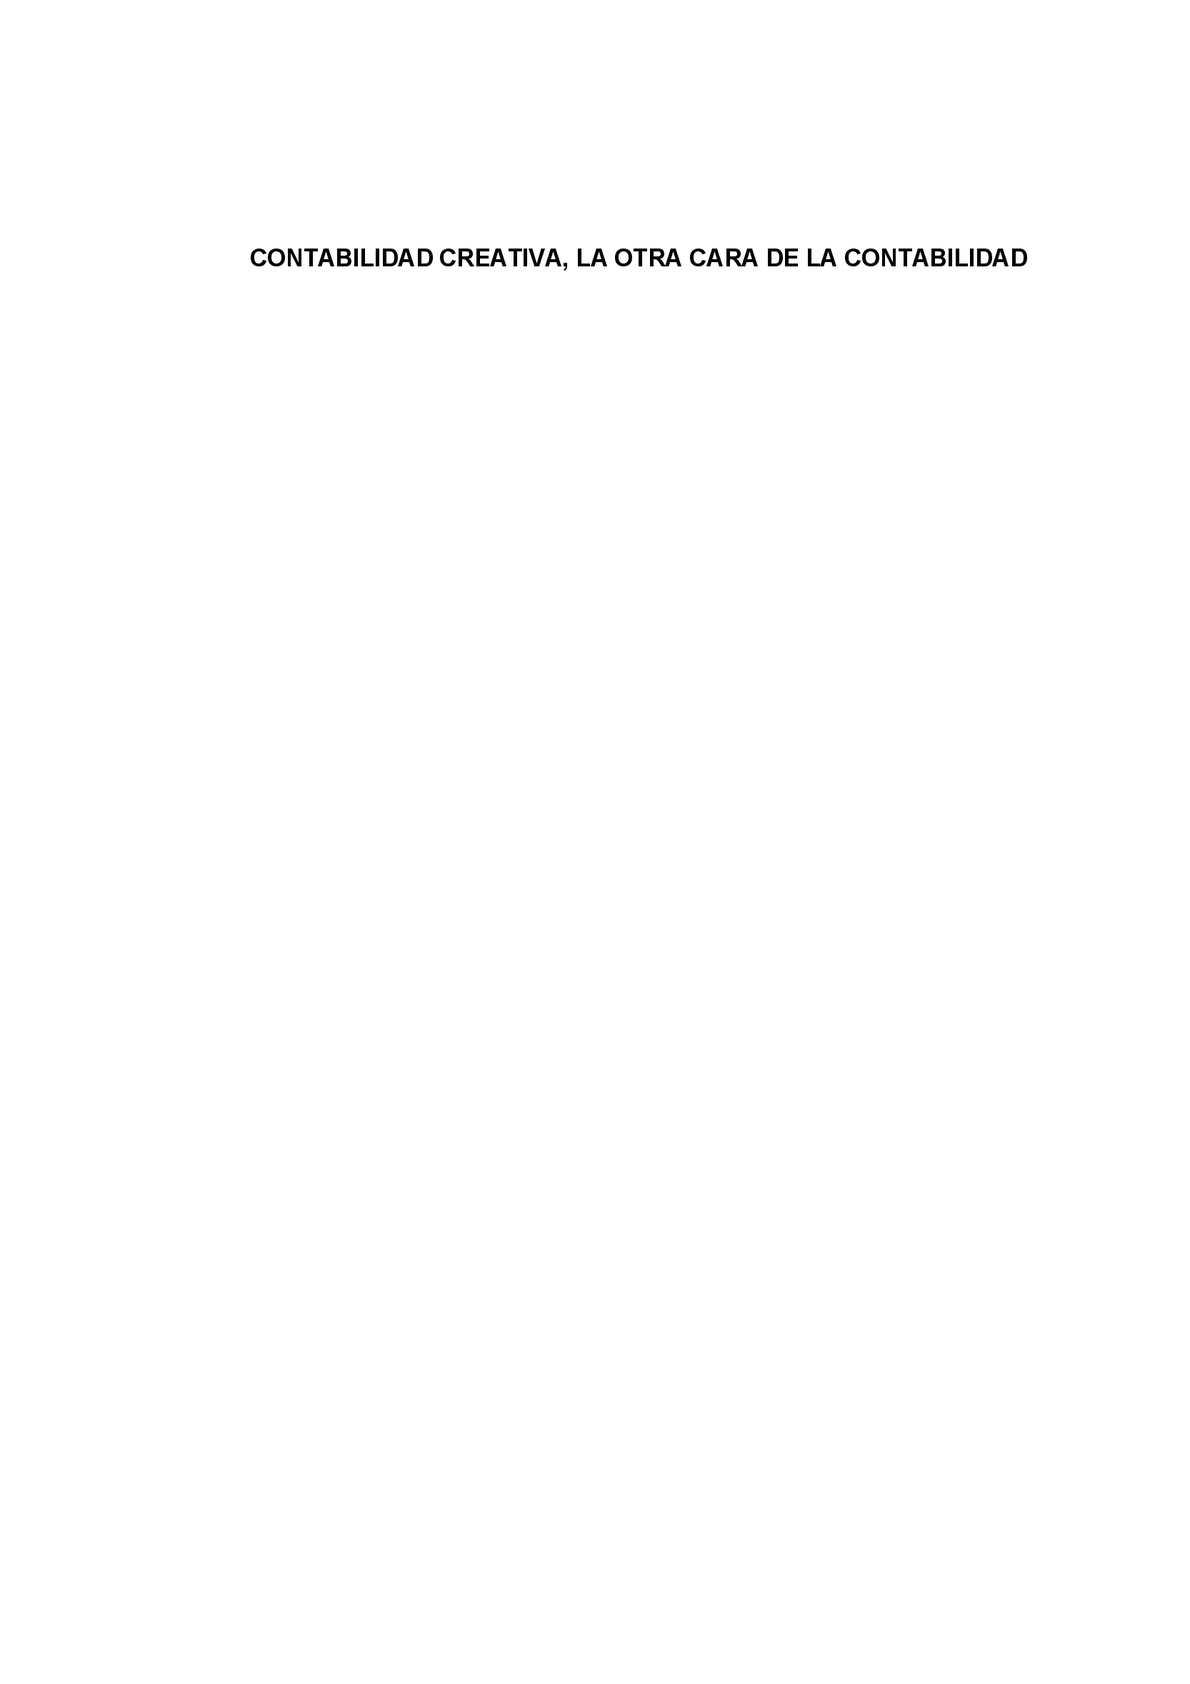 Calaméo - Contabilidad Creativa, La otra cara de la Contabilidad